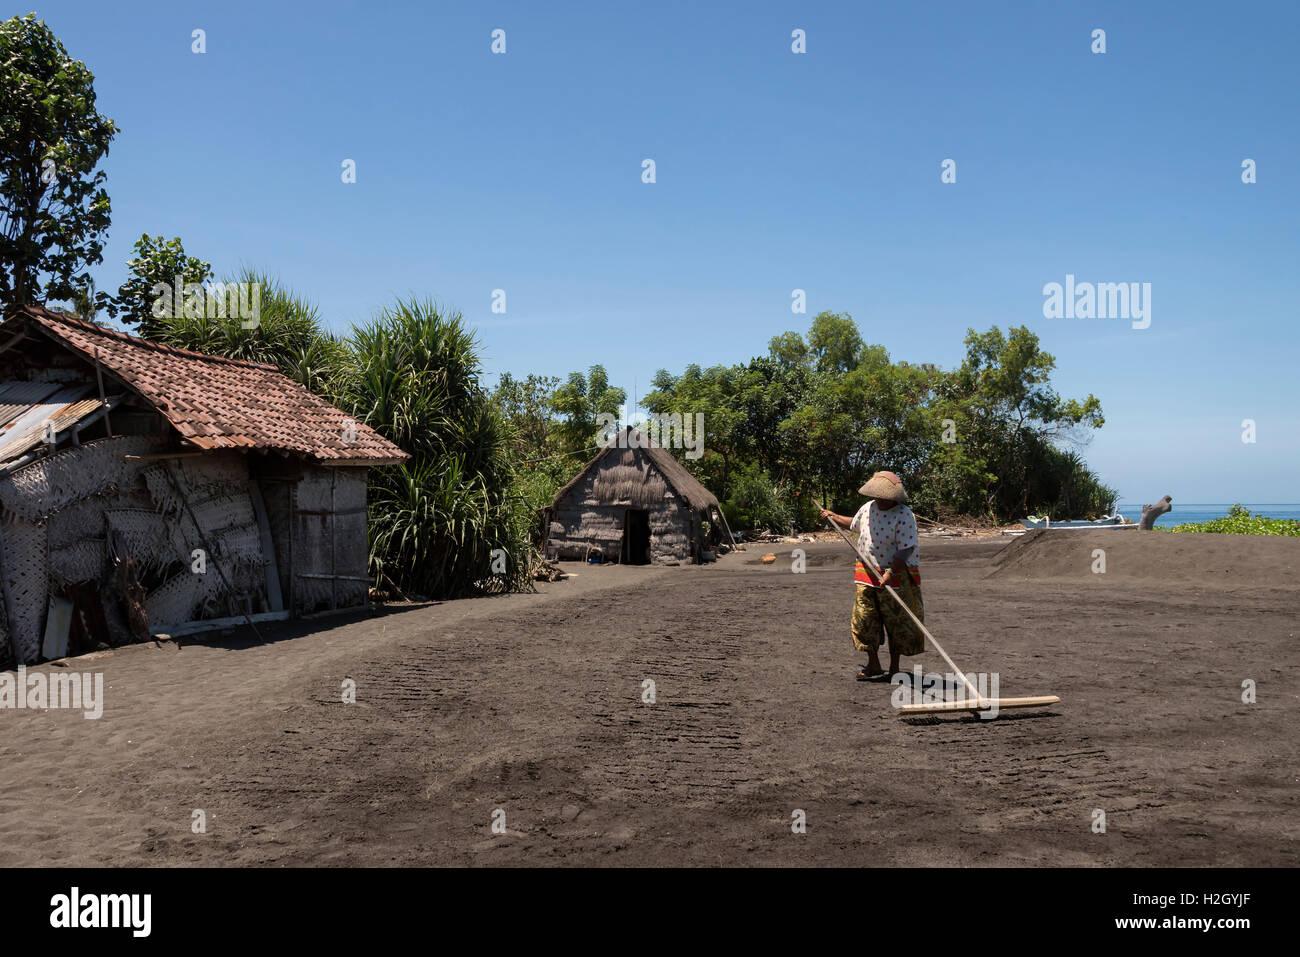 Salz-Windpark in Bali. Stockbild